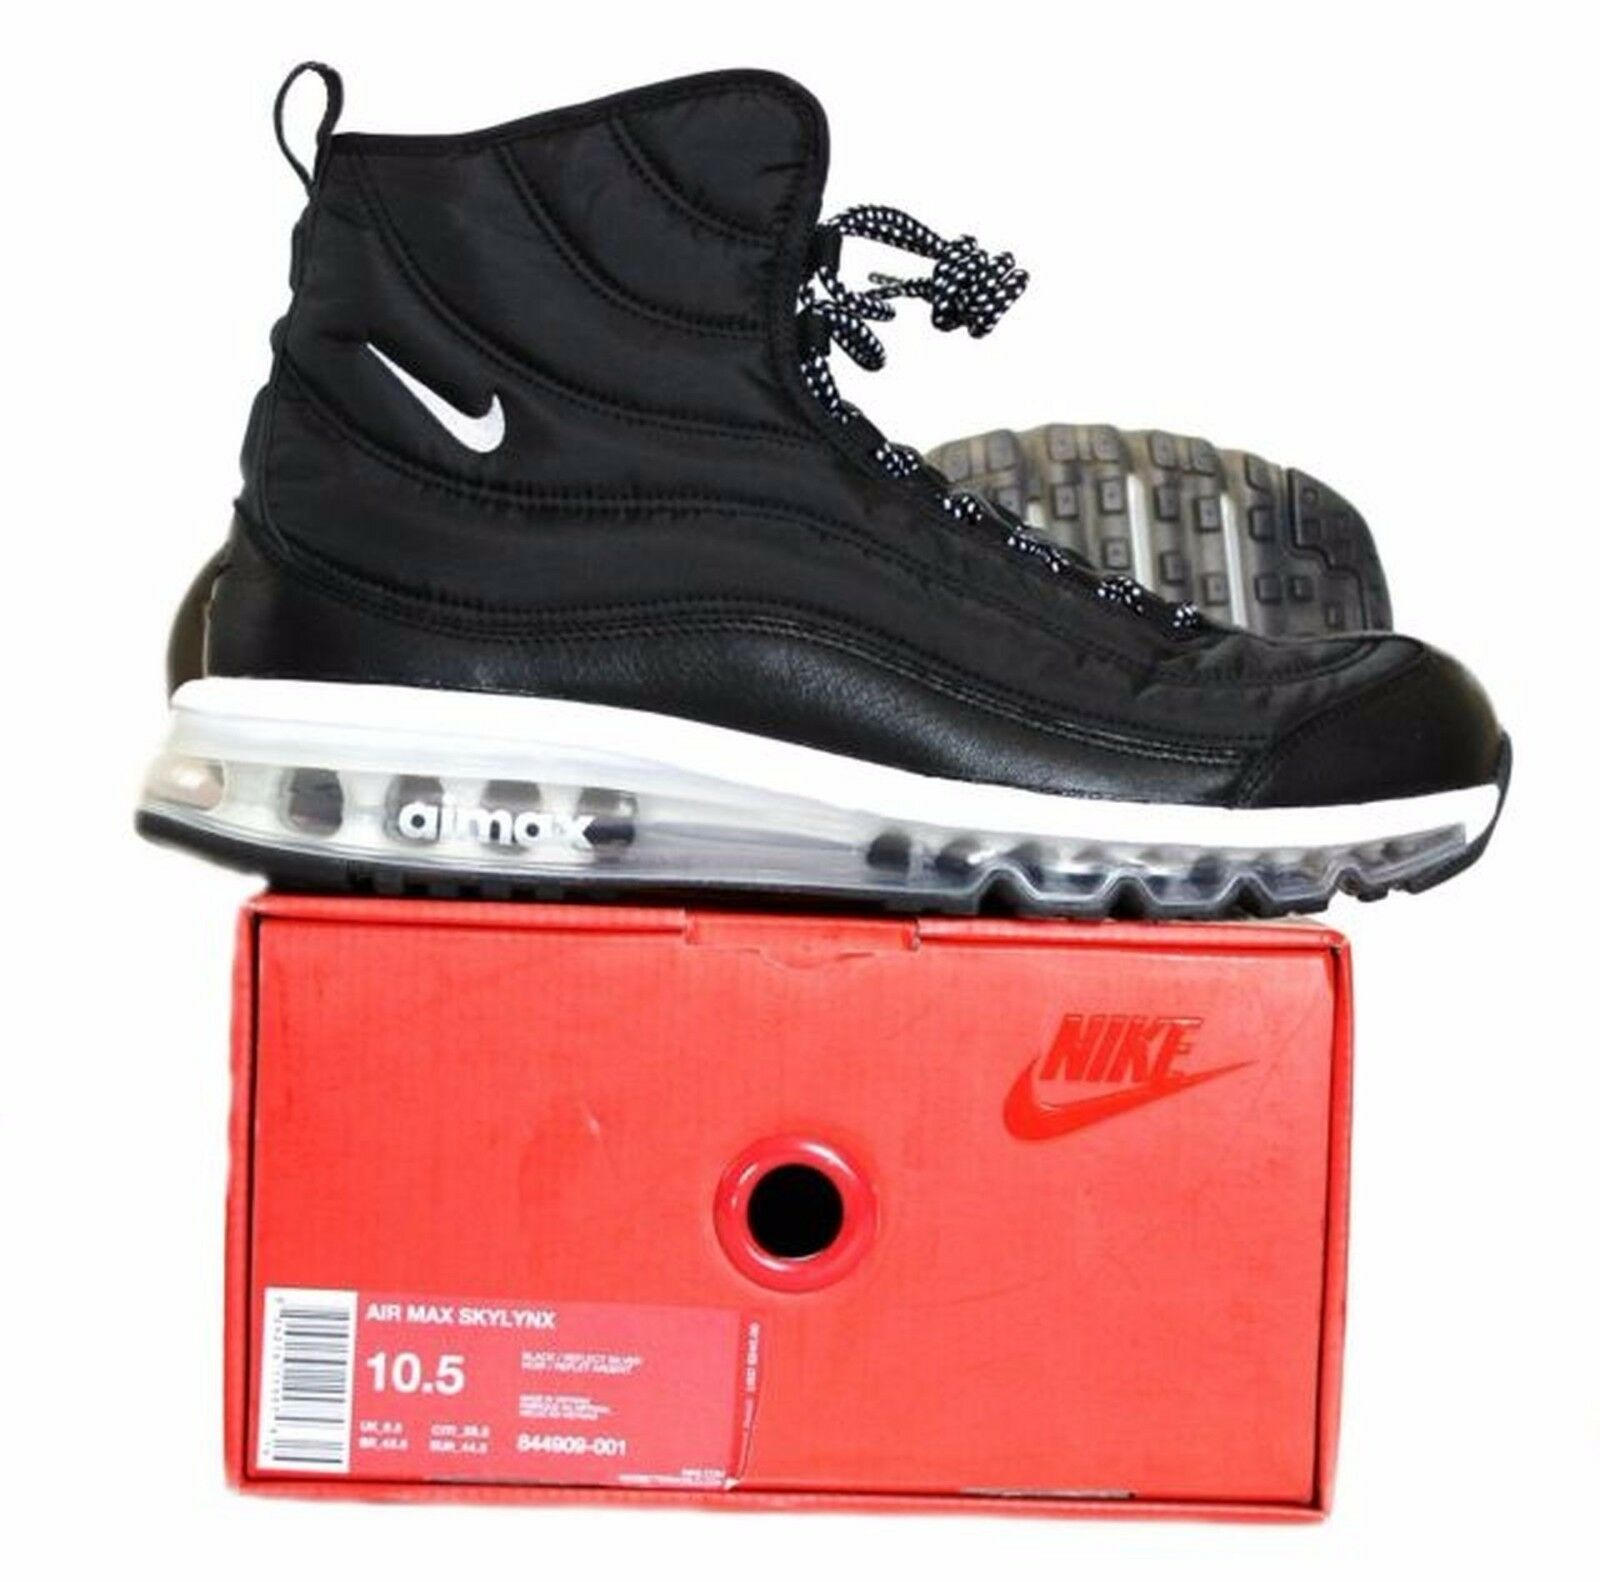 Nike Air Max Skylynx Nero/Reflect Sliver Uomo Size 10.5 844909-001 Retail  240